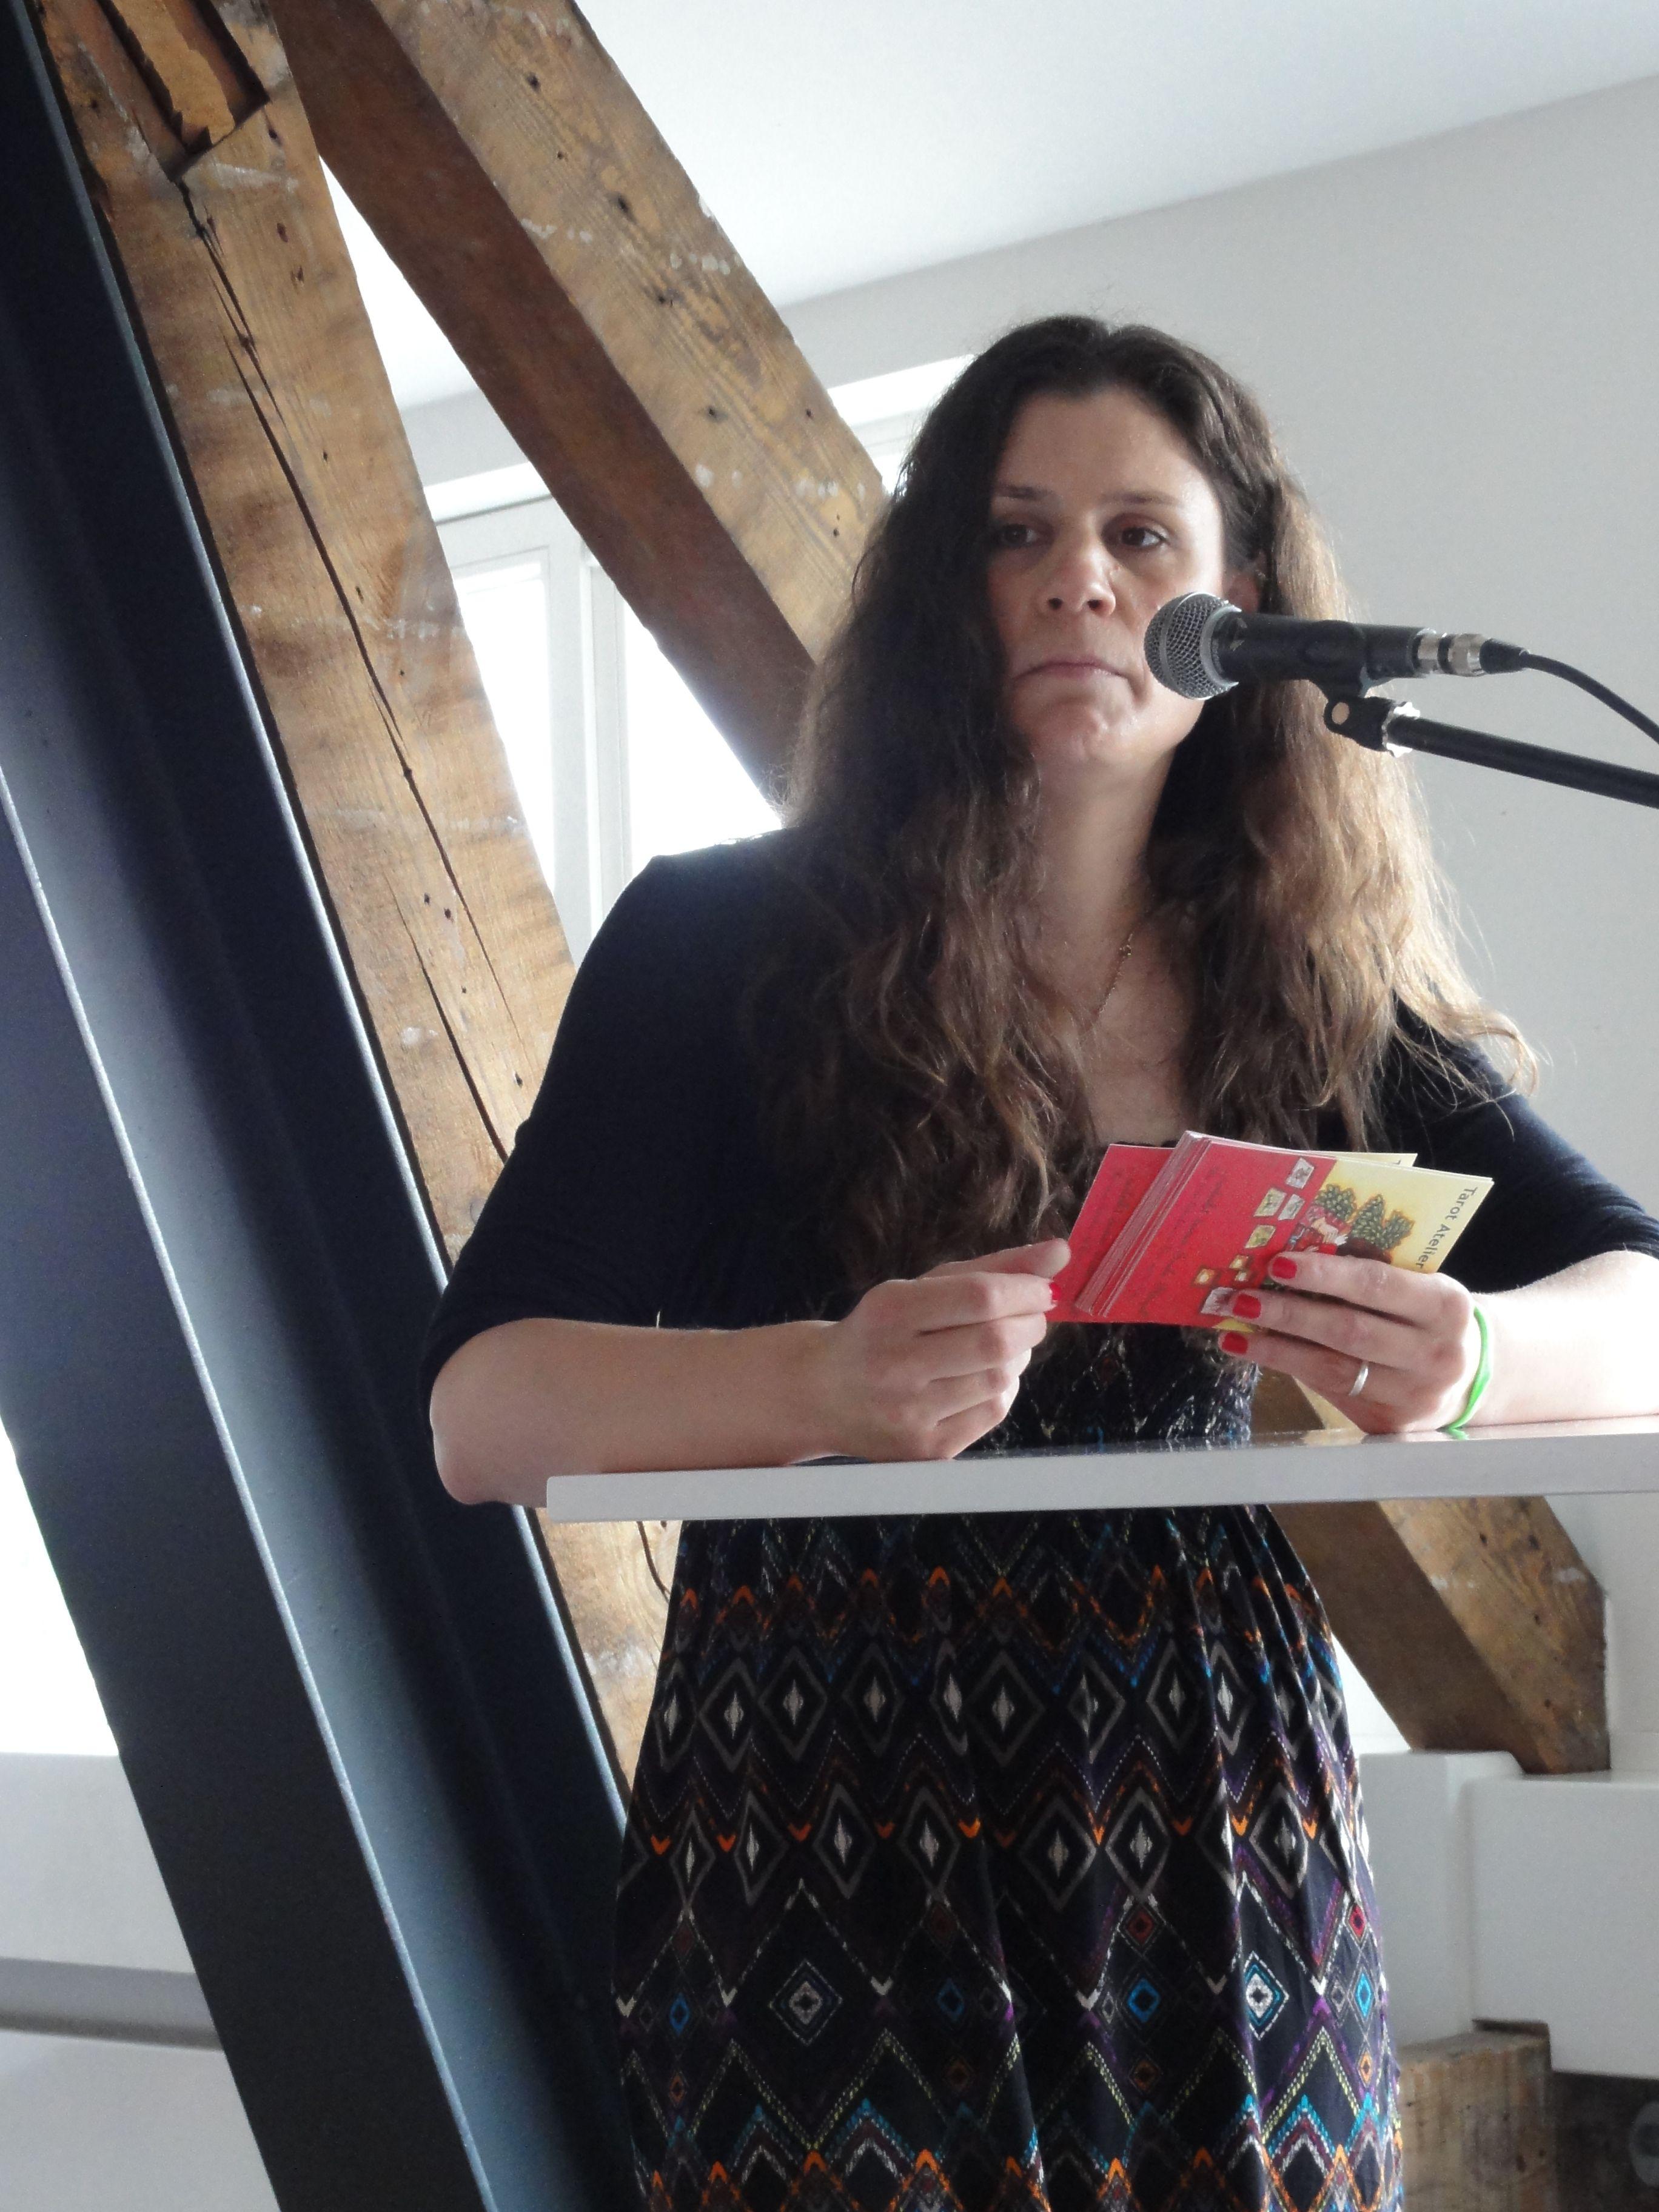 """Melani Assangni vom Tarot Atelier Köln sprach über das Thema """"Tarotberatung, Beruf der Zukunft!?"""""""